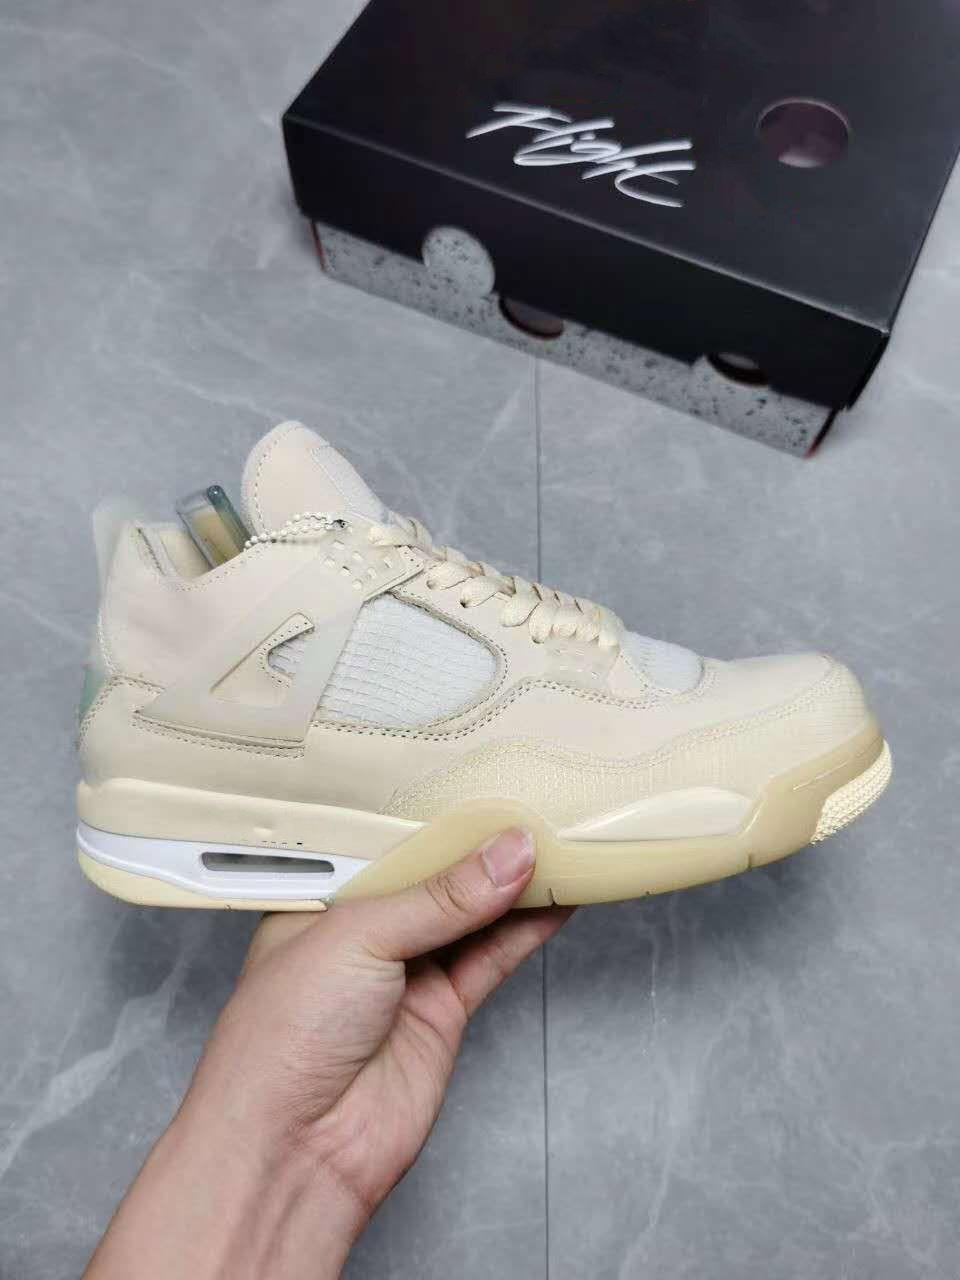 Zapatos de calidad superior de baloncesto Jumpman 4 4s Crema de vela Nakeskin IV mujeres de los hombres muselina WMNS atasco del espacio para deportes zapatillas de deporte para hombre de Formadores